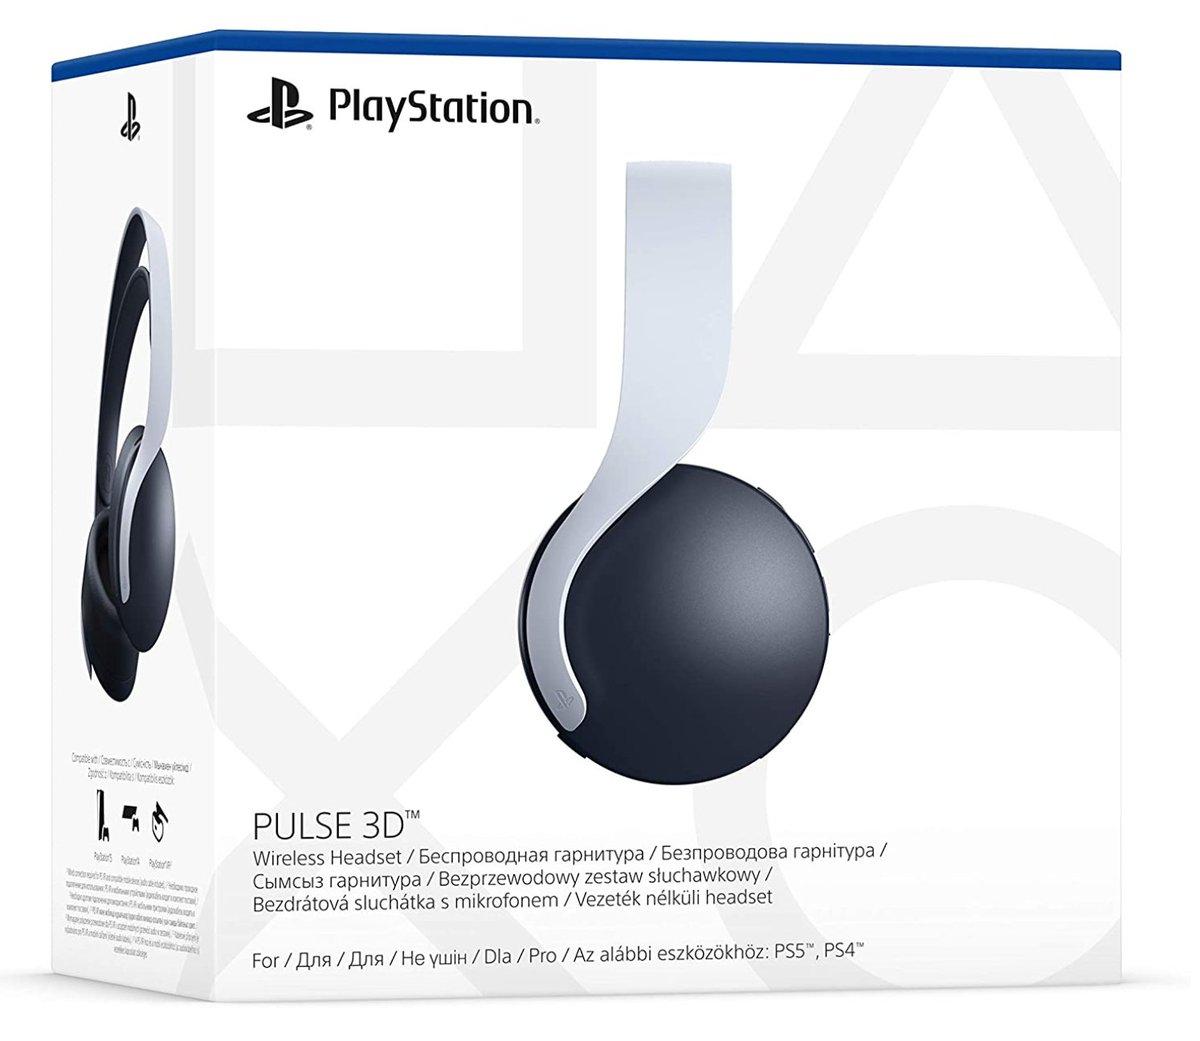 Sony Pulse 3D Headset PS5 $99.00 Amazon 2